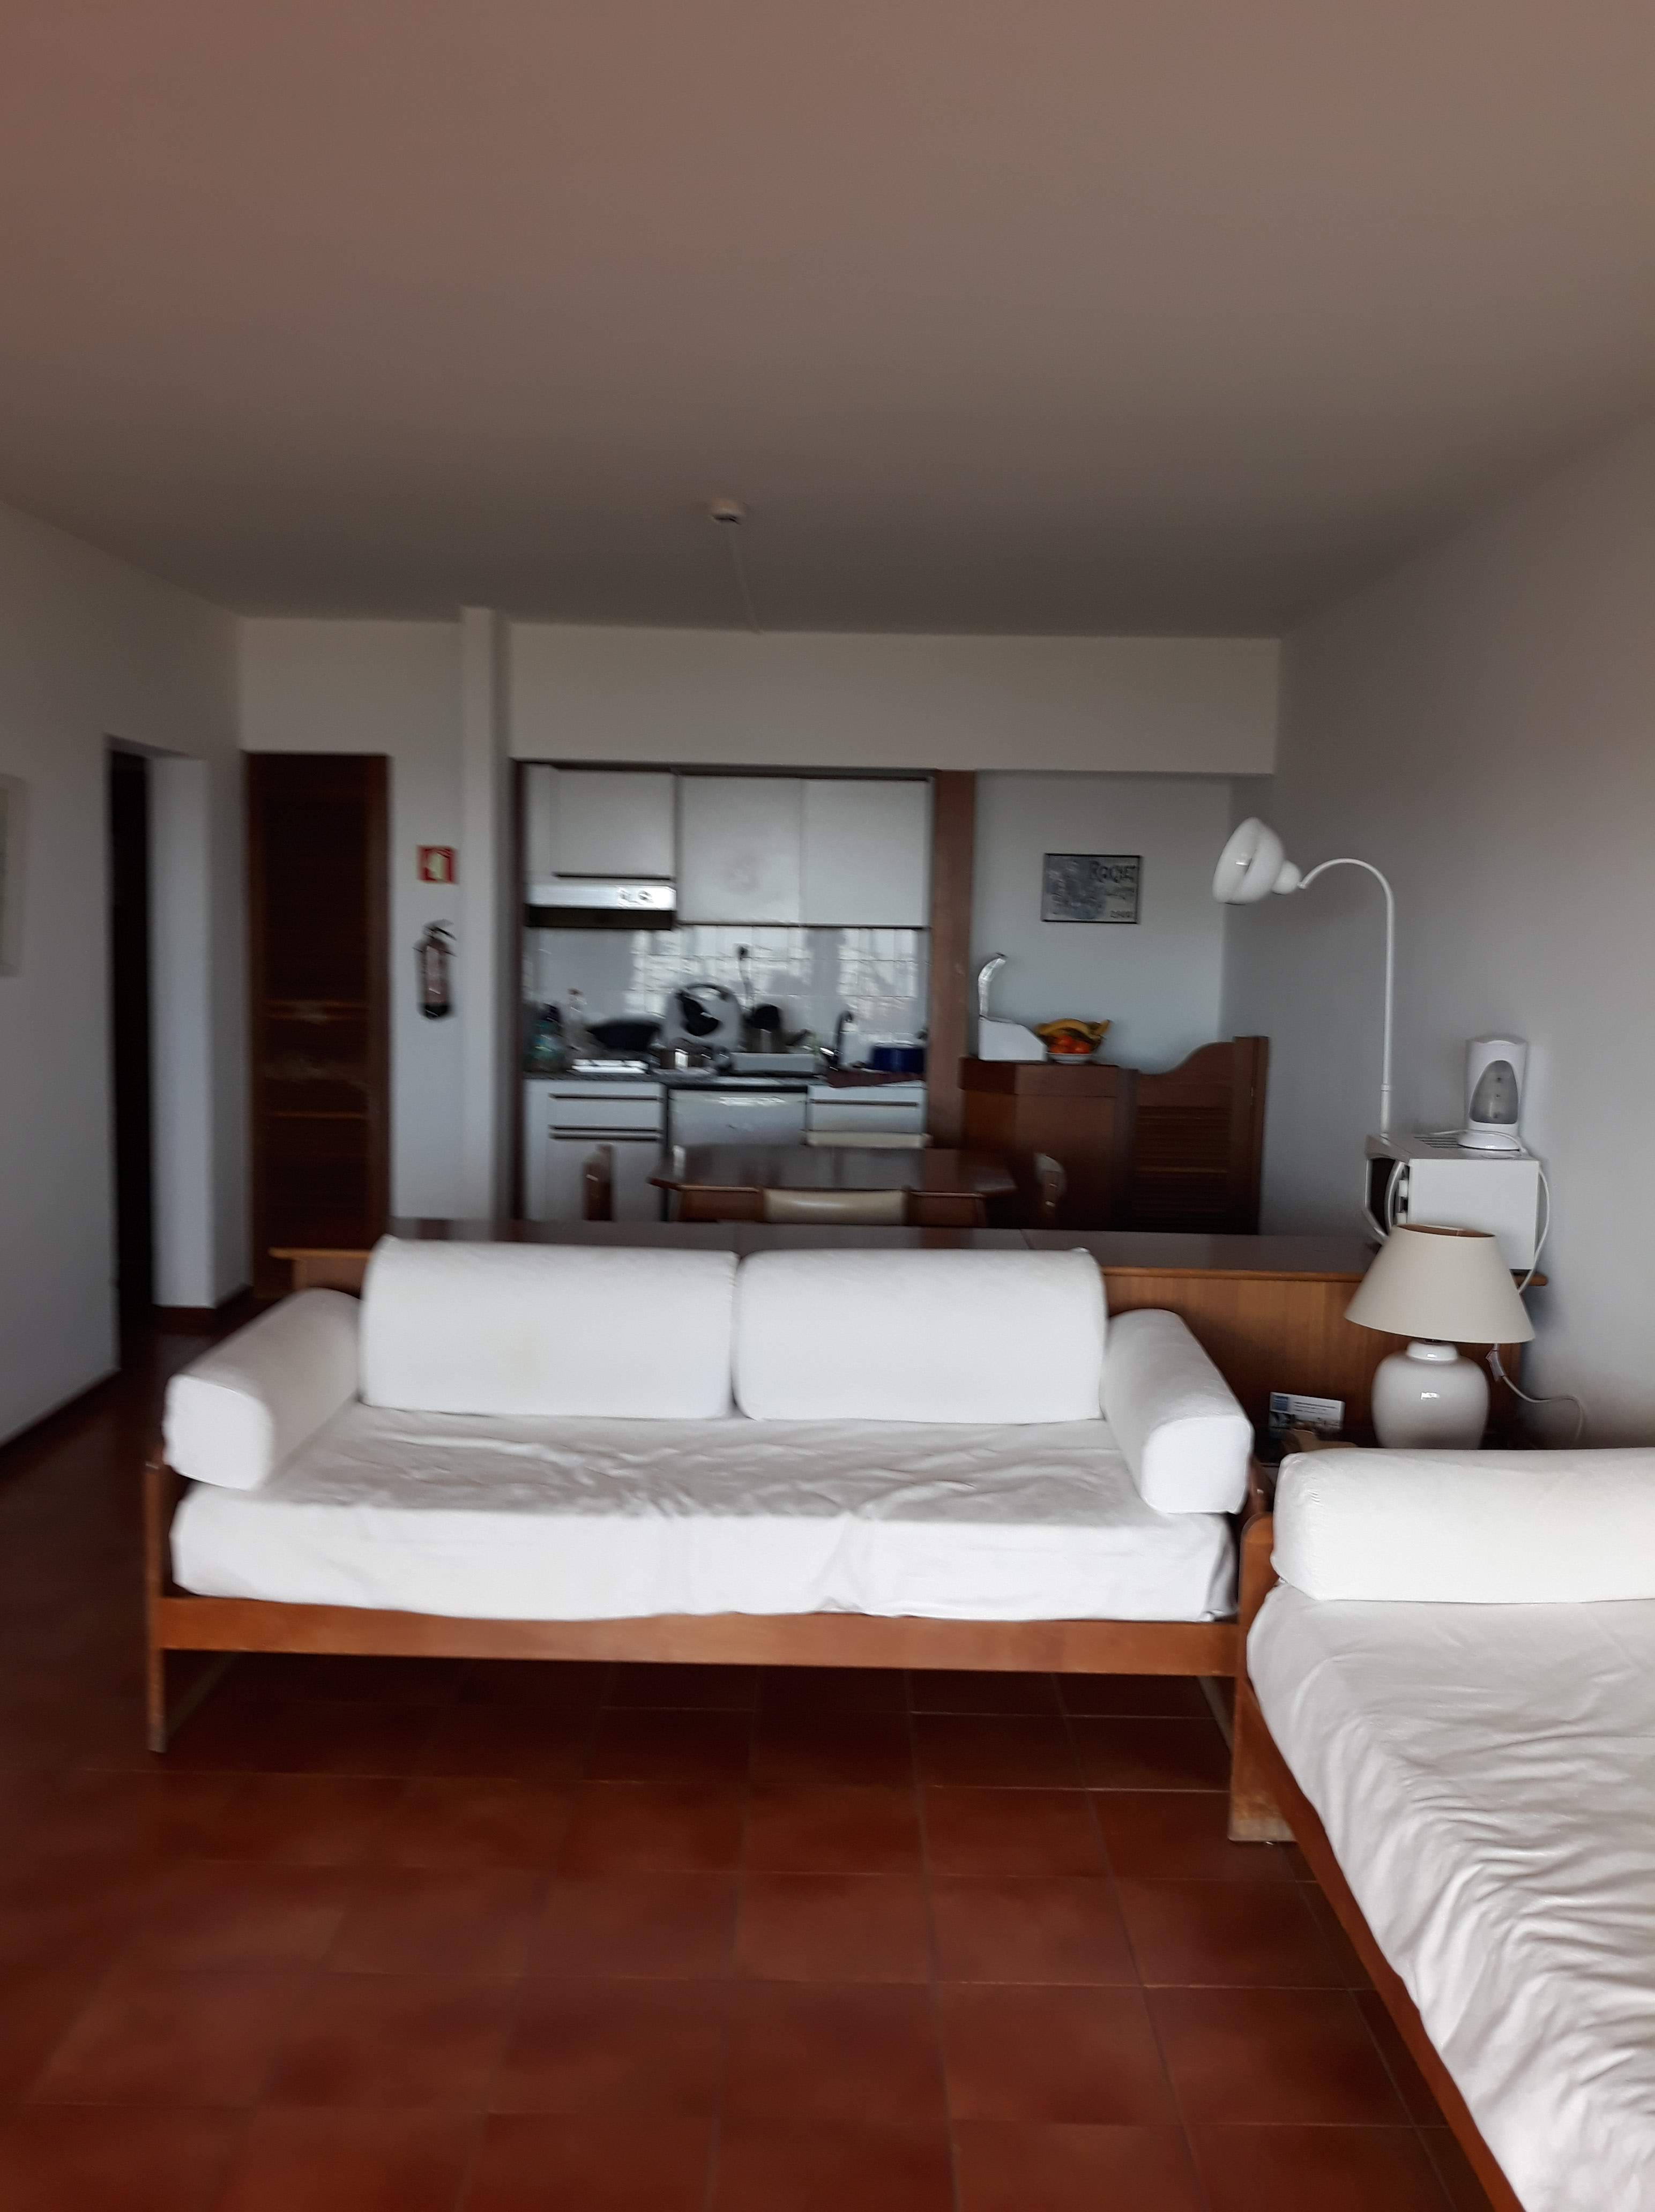 Apartamentos e moradias para alugar, T1 in Hotel Dom Pedro Portobelo 4 ****, in Vilamoura em Vilamoura, Portugal Algarve, REF_IMG_4276_7663